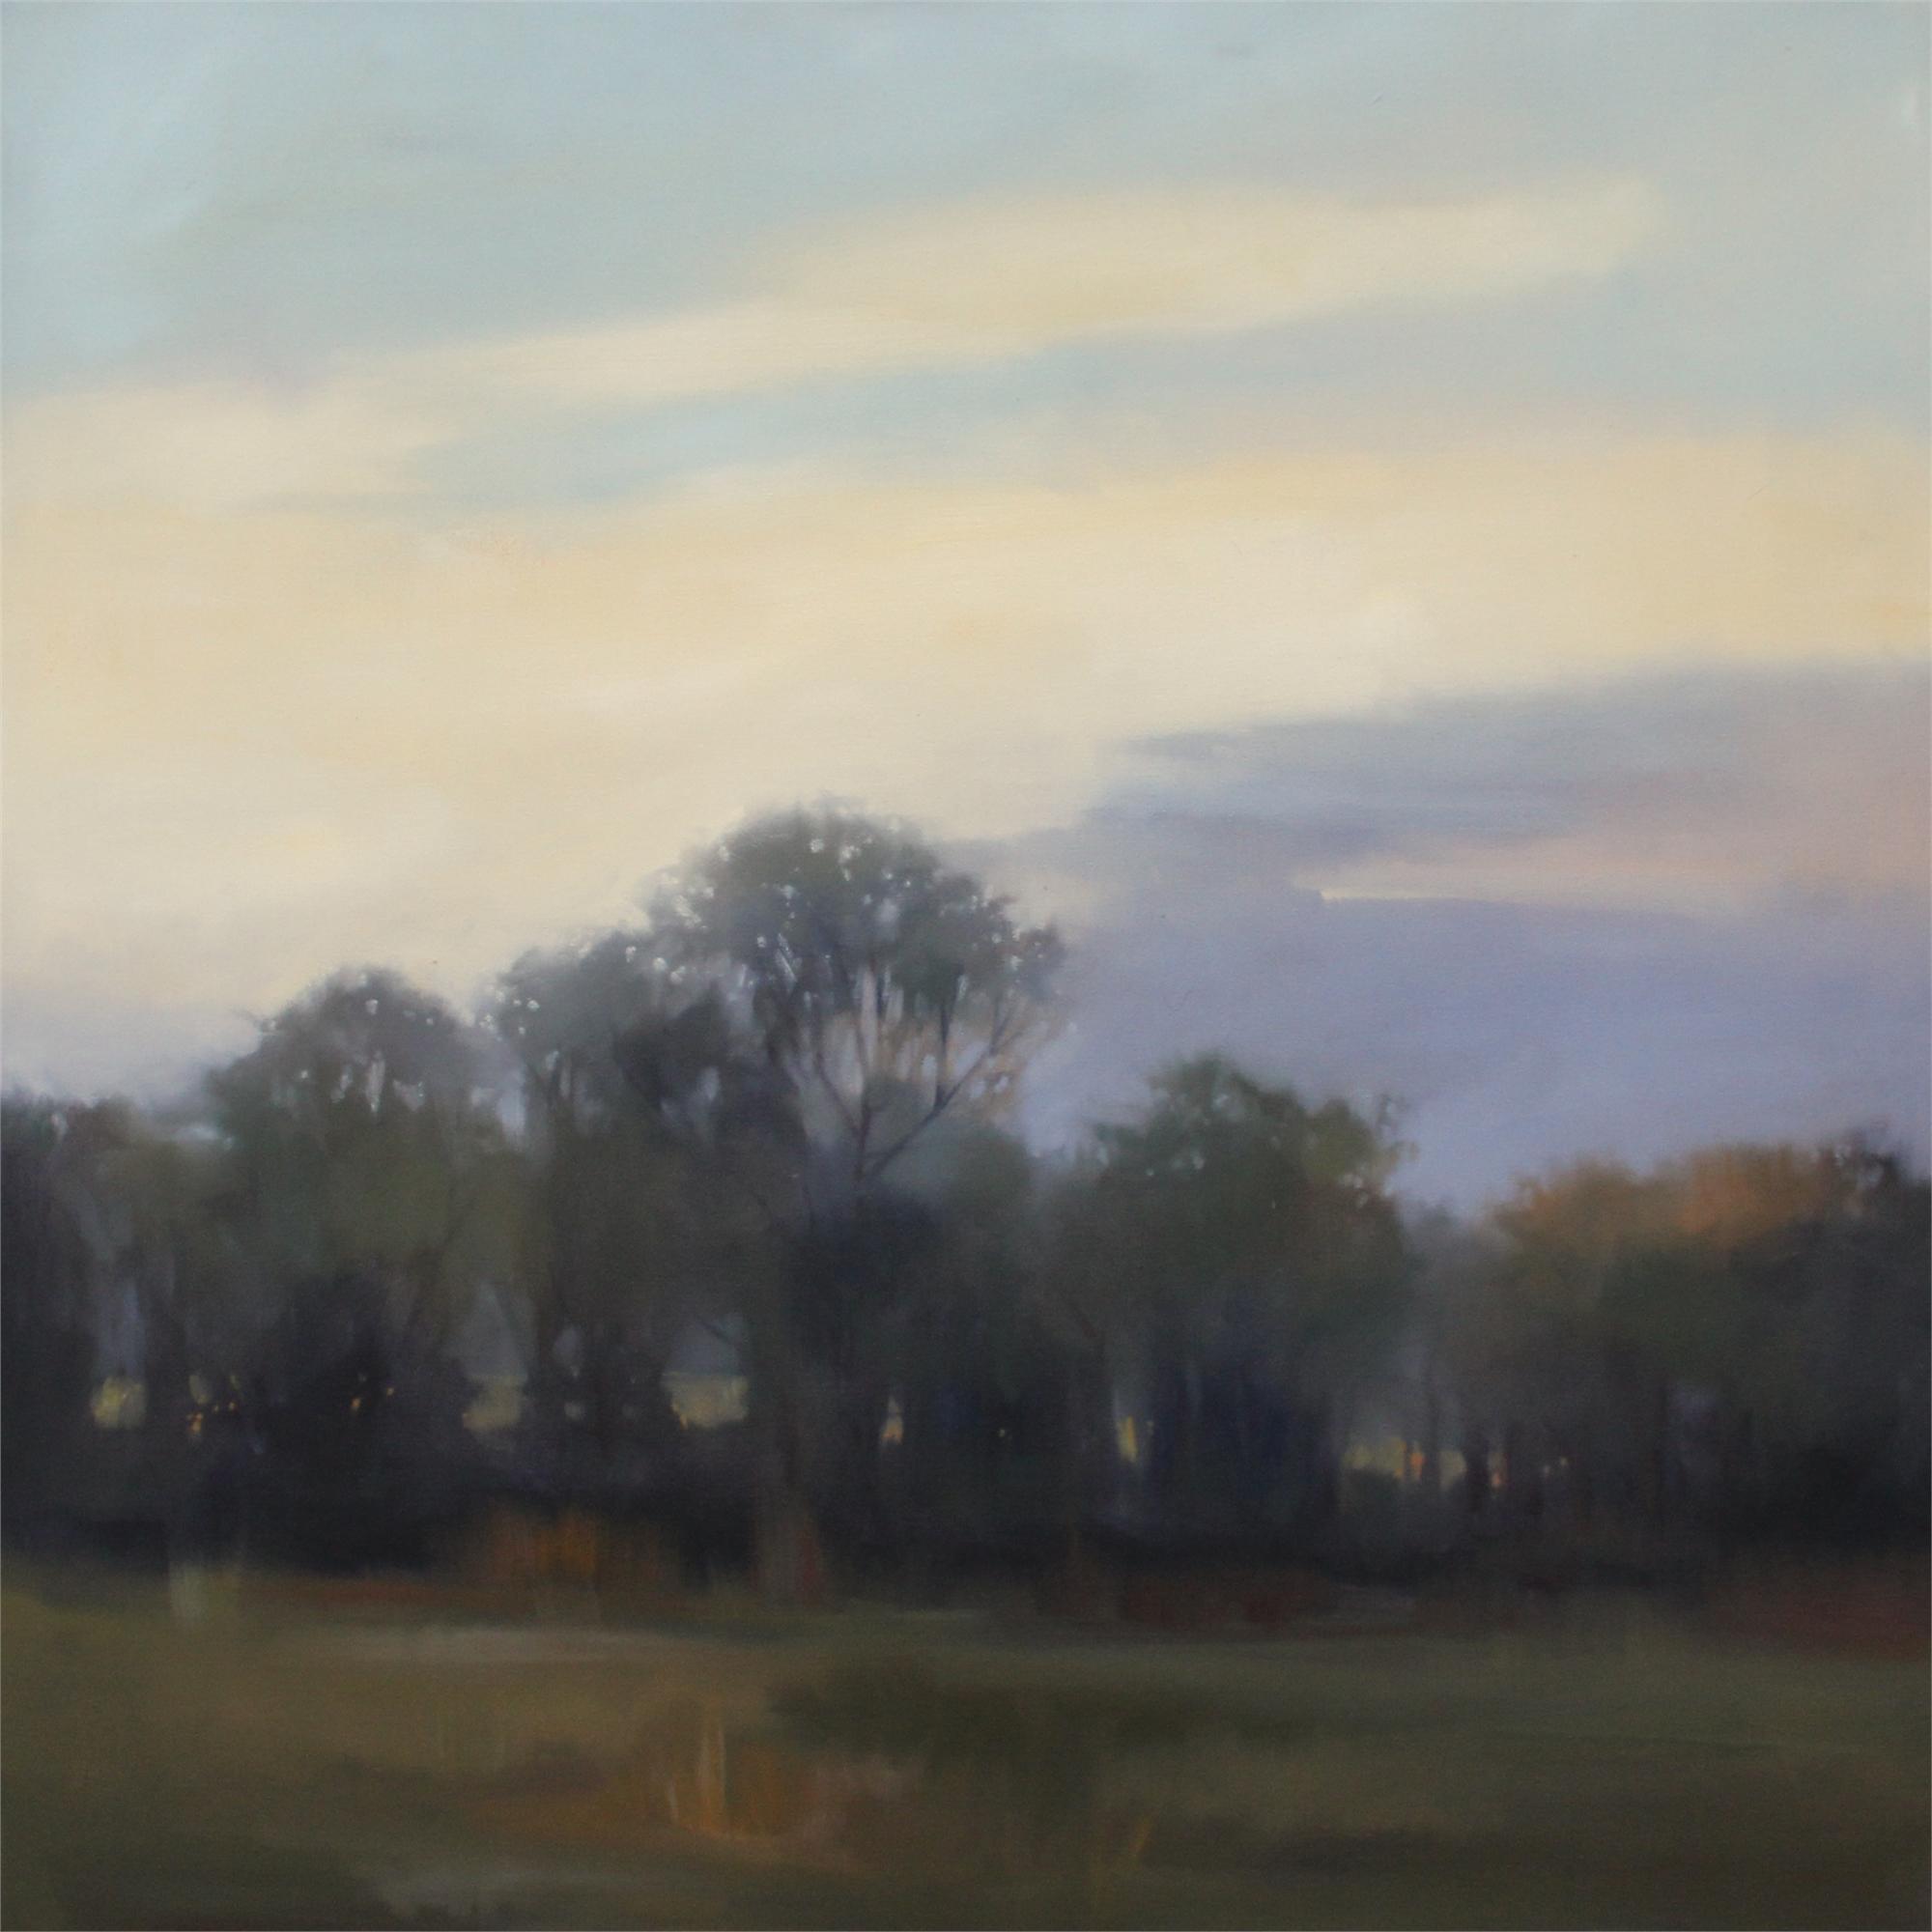 Evening Treeline by Megan Lightell